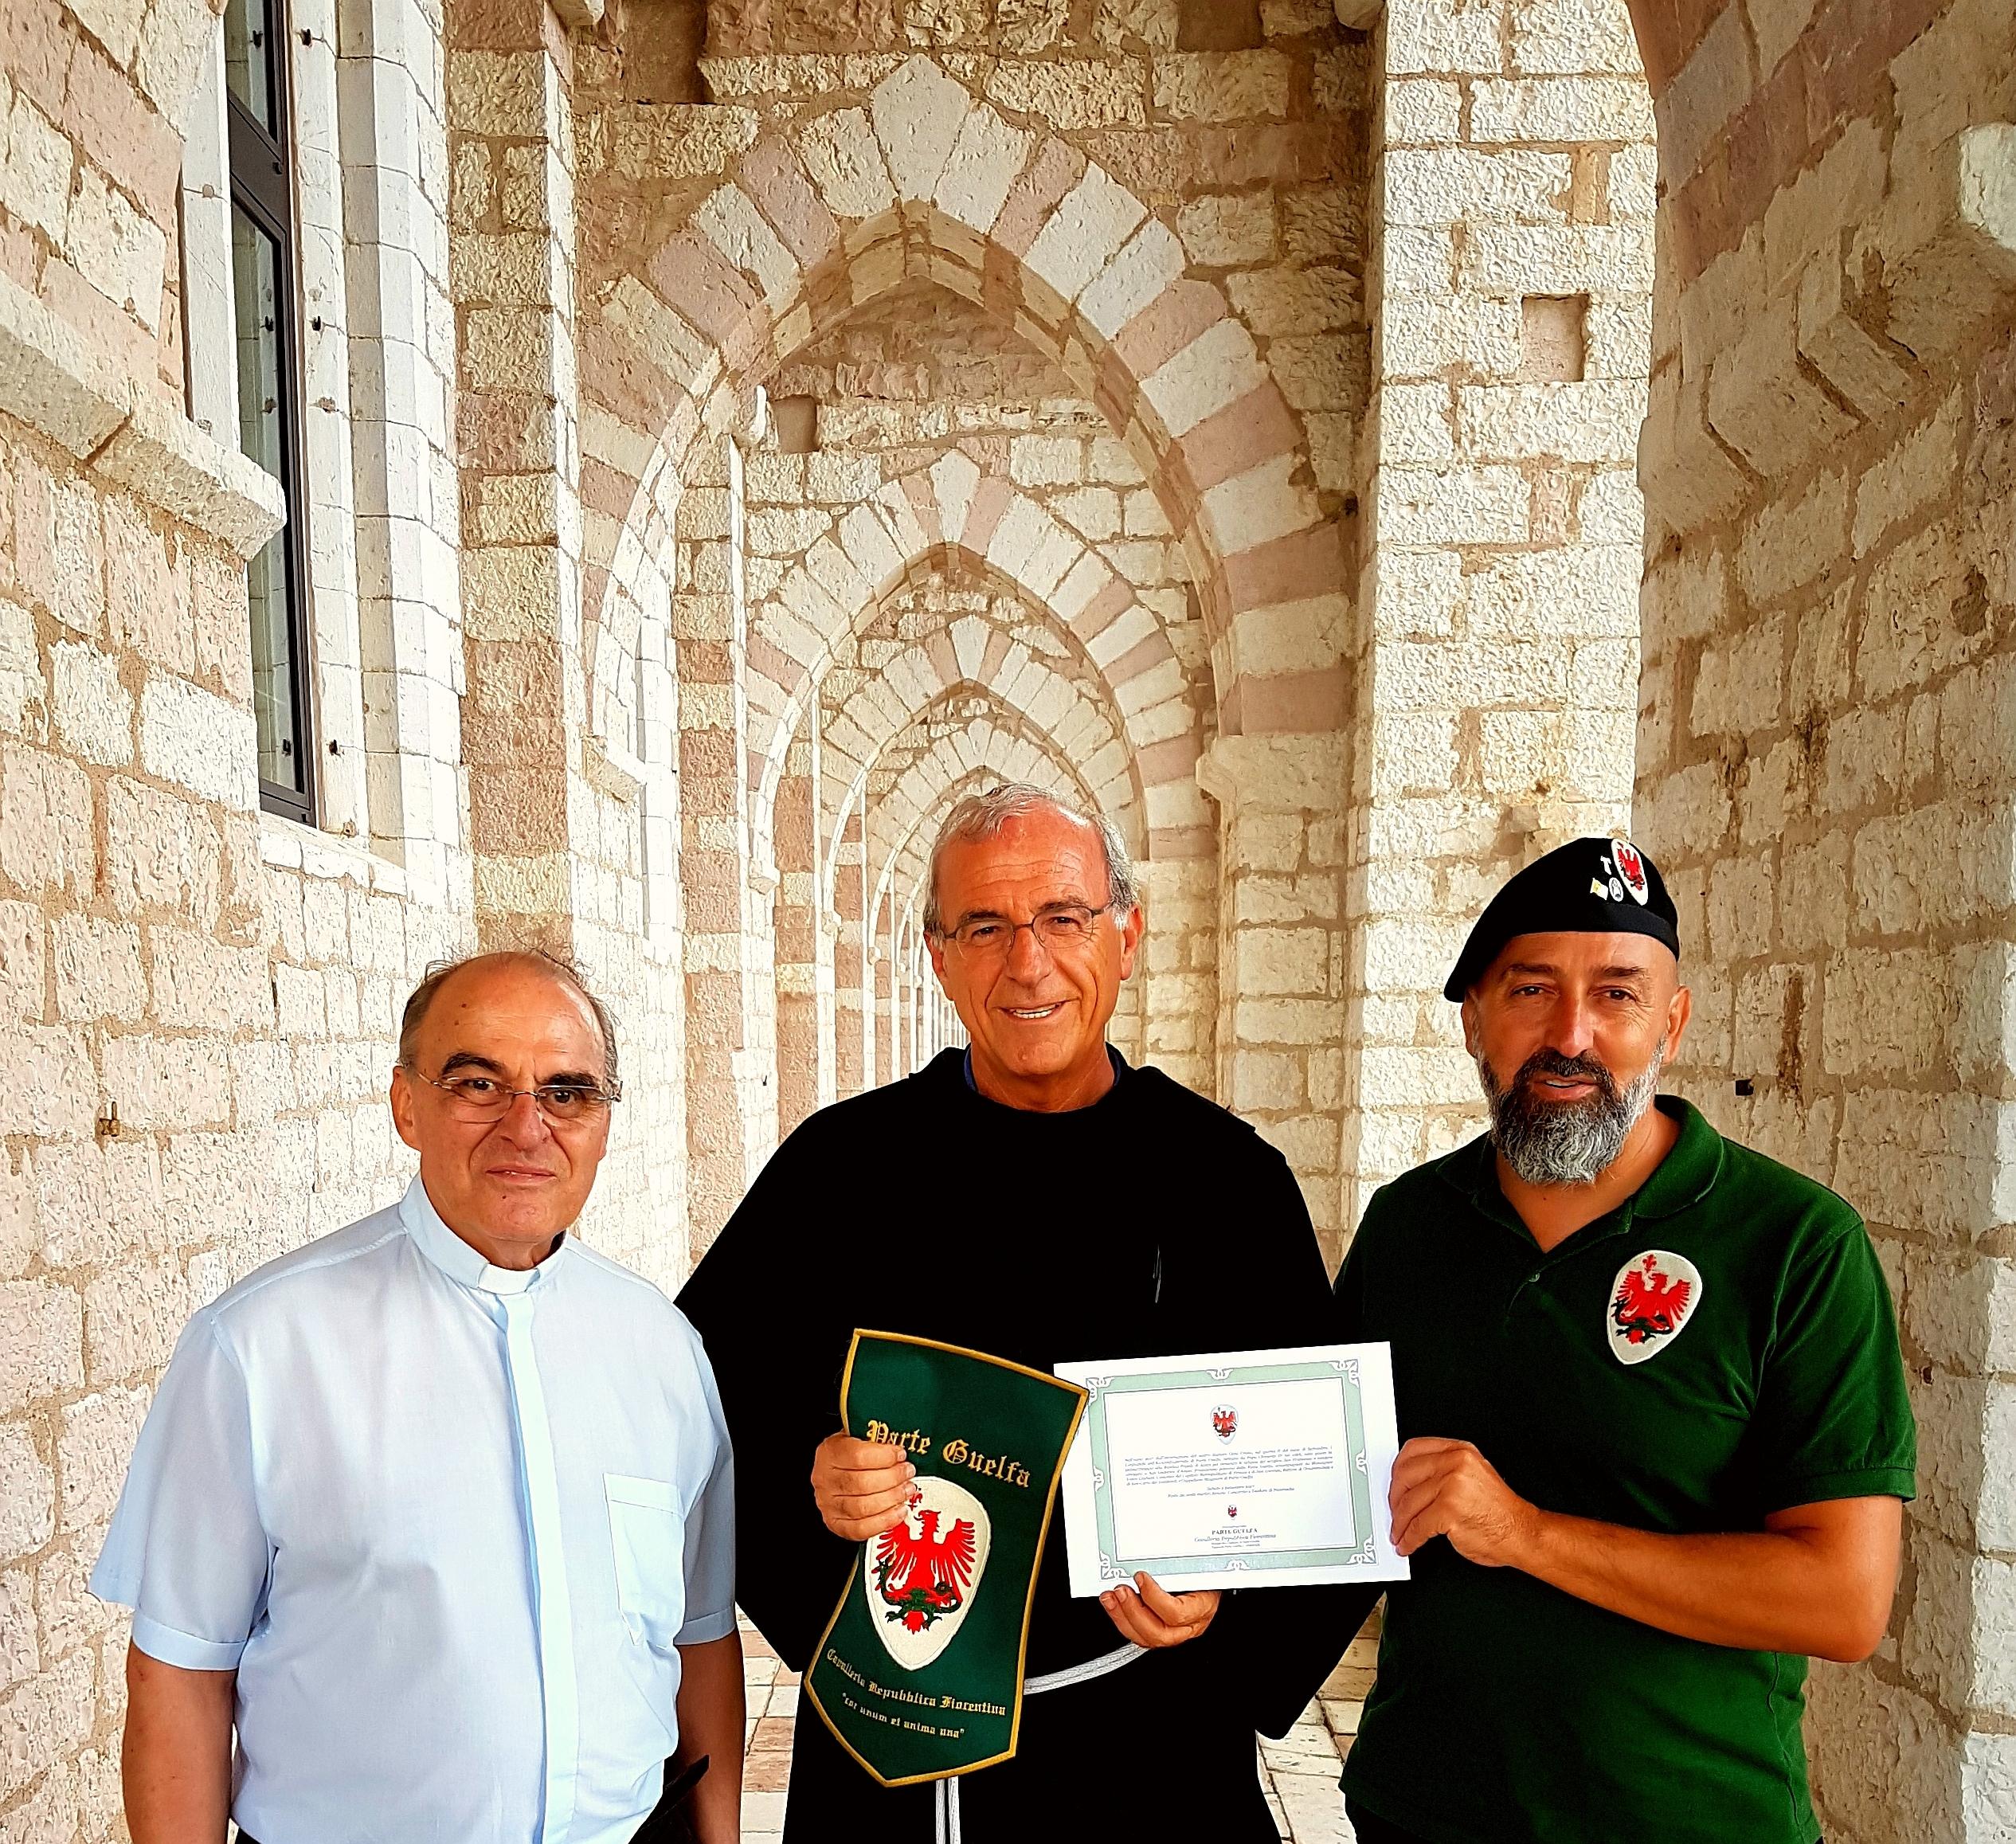 Parte Guelfa Assisi Pellegrinaggio 2017 Sacro Convento Alberto Bellini Mons. Vasco Giuliani Fra Domenico Paoletti Andrea Claudio Galluzzo